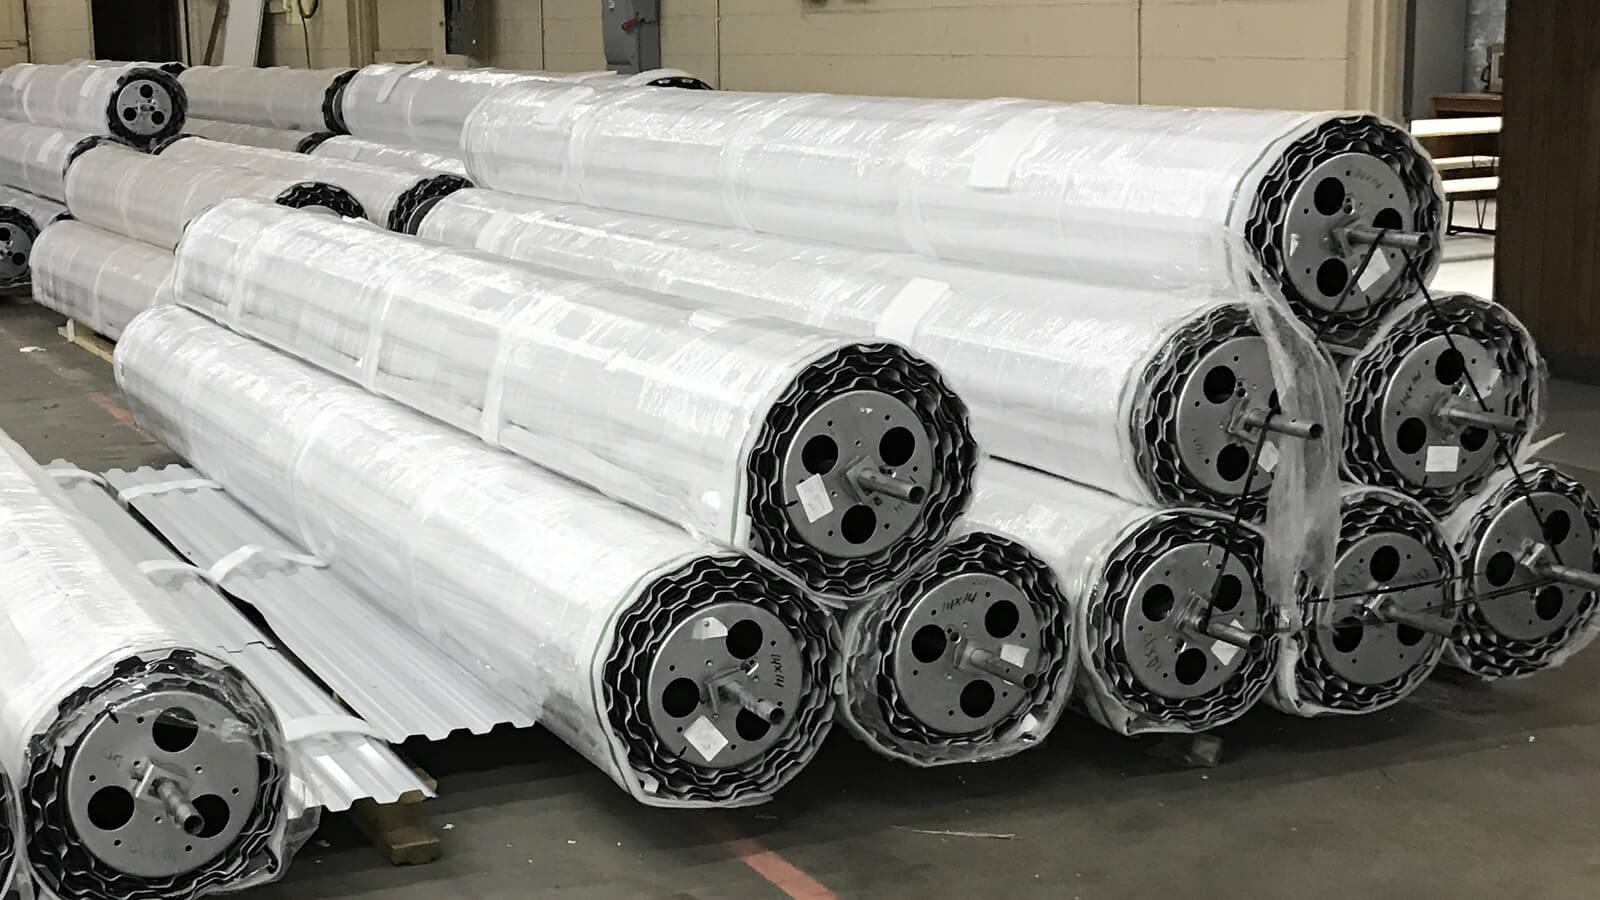 Uncertified 10x10 Roll Up Door 10 X10 Uncertified Roll